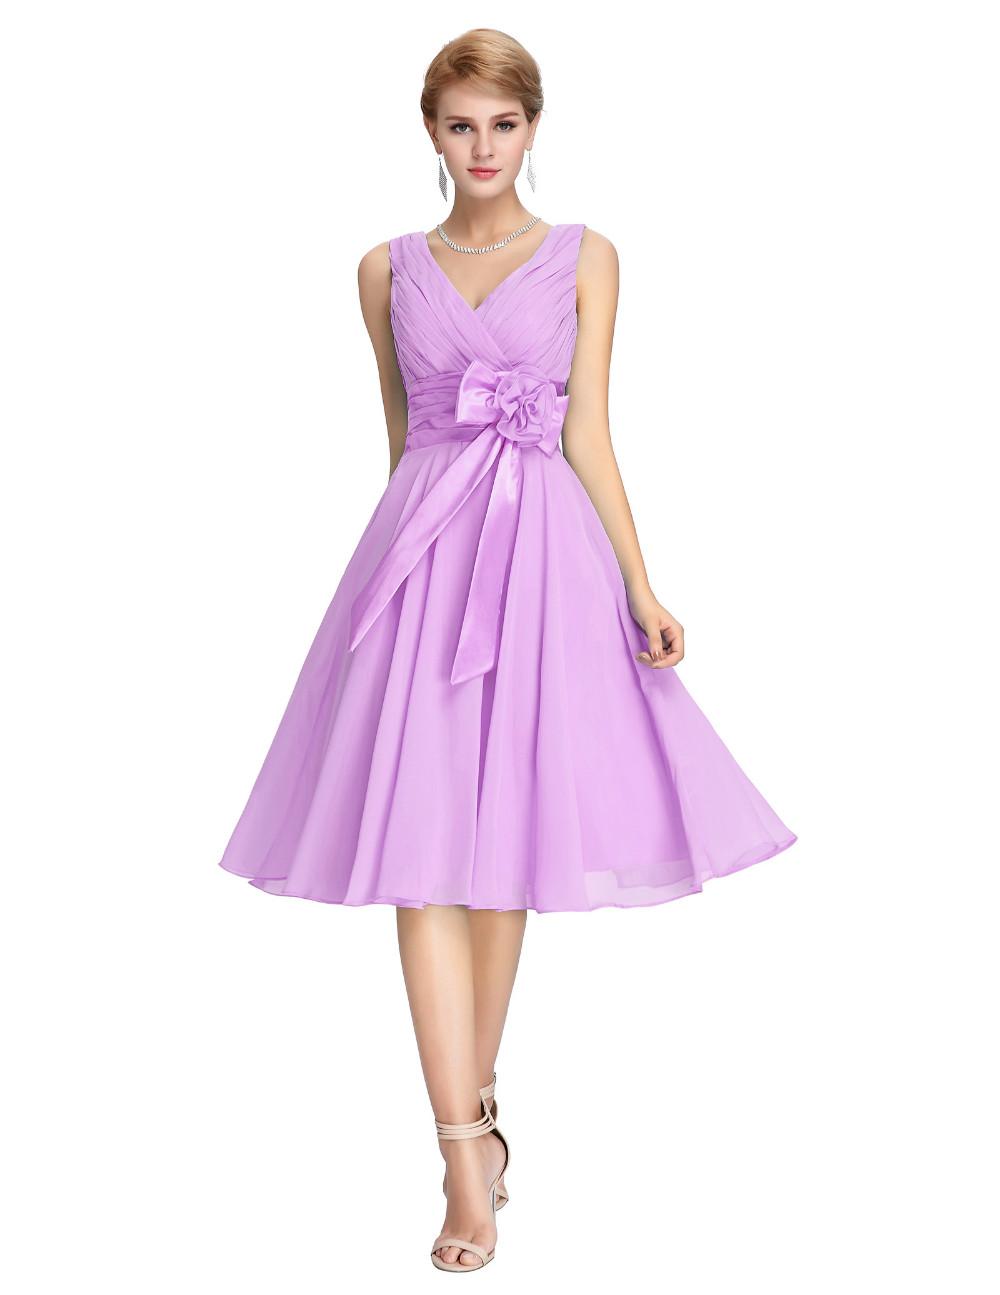 HTB1eAL_MVXXXXamXXXXq6xXFXXXuKnee Length Short Chiffon Blue Dress